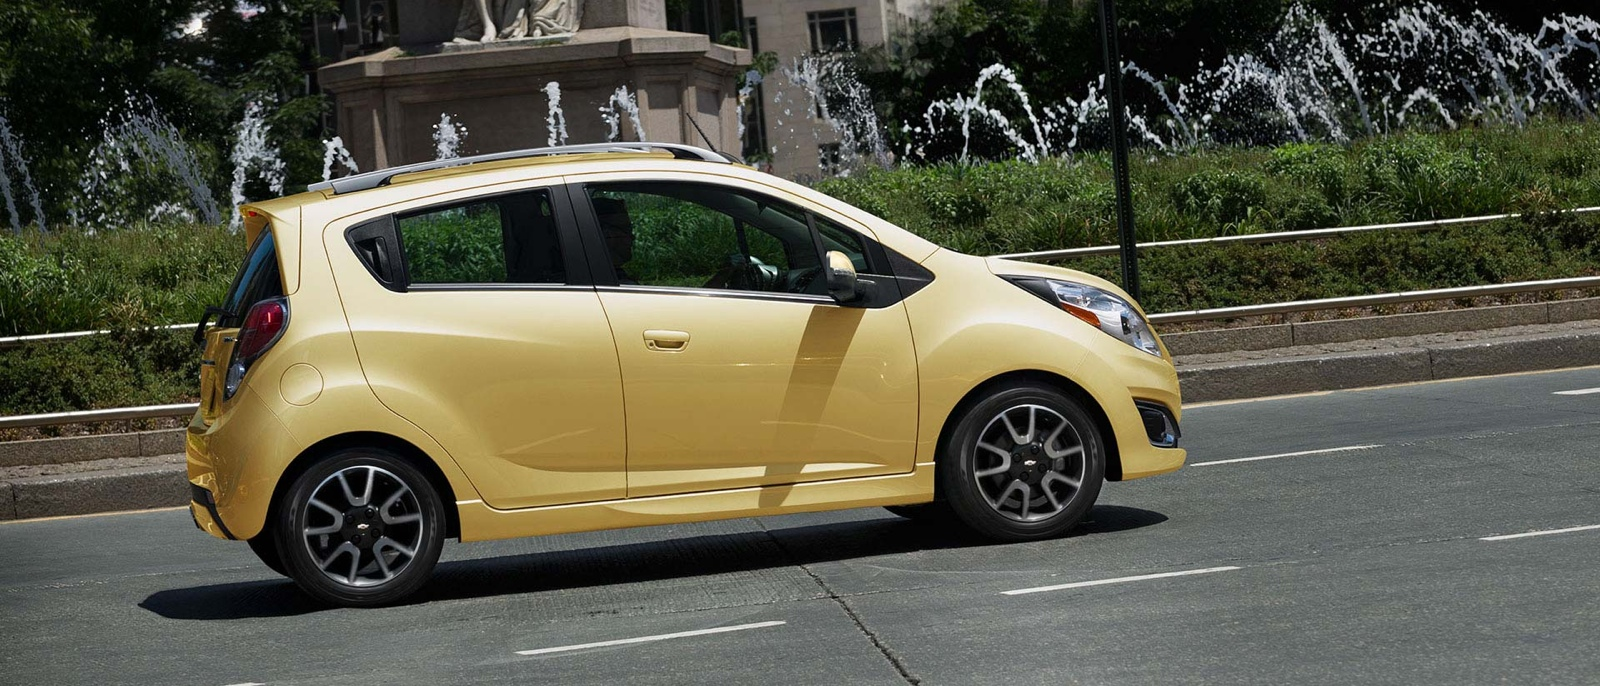 Chevy Spark Vs Smart Car